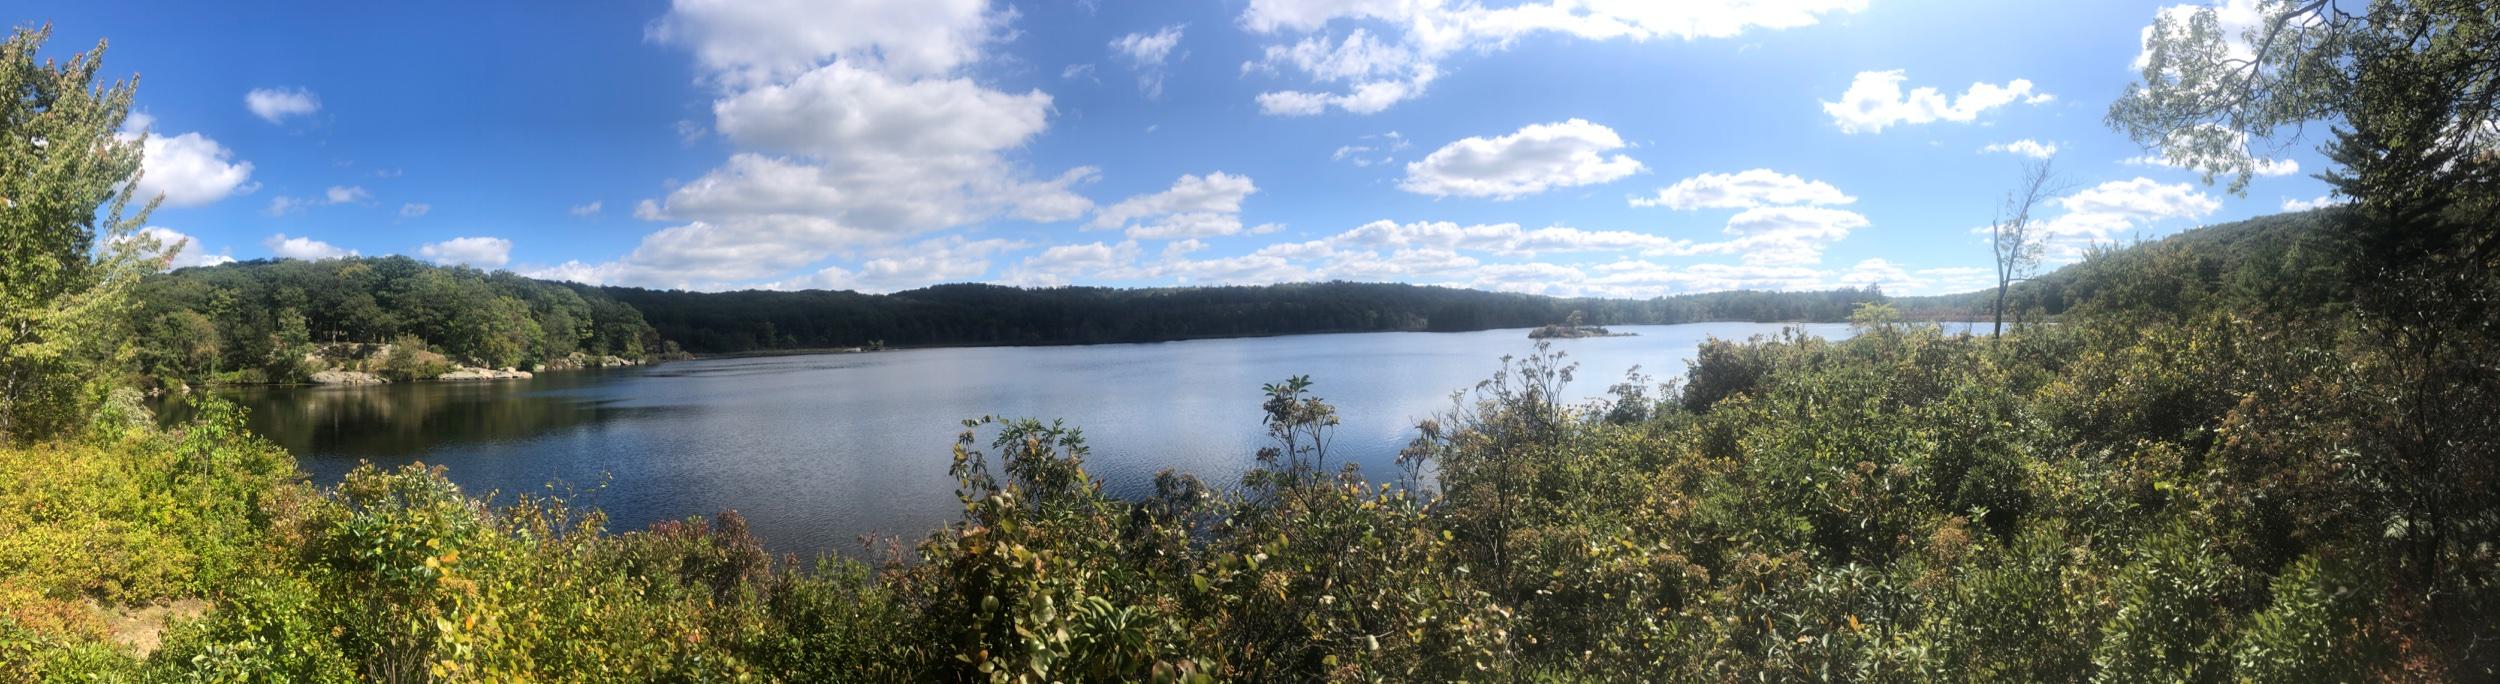 Island Pond Looking like Montana